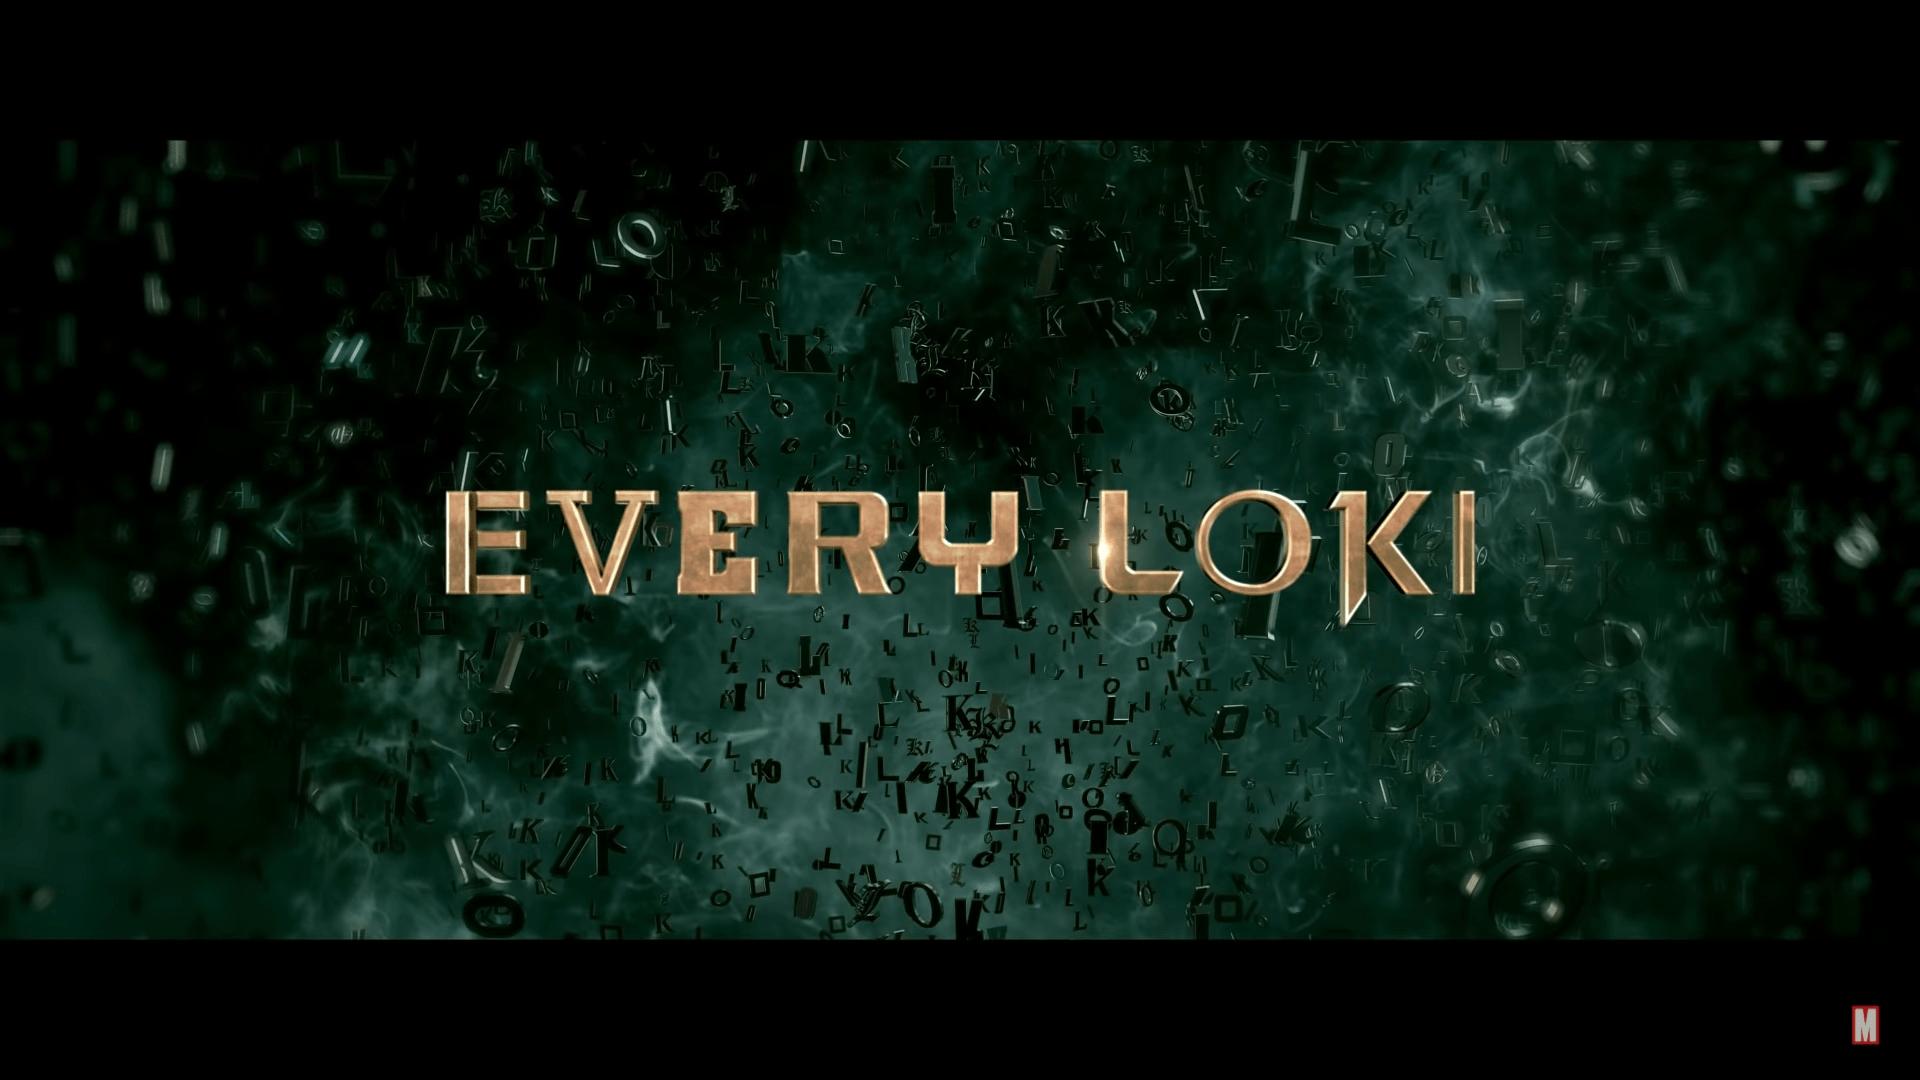 Marvel опубликовали новый проморолик в честь середины первого сезона «Локи»